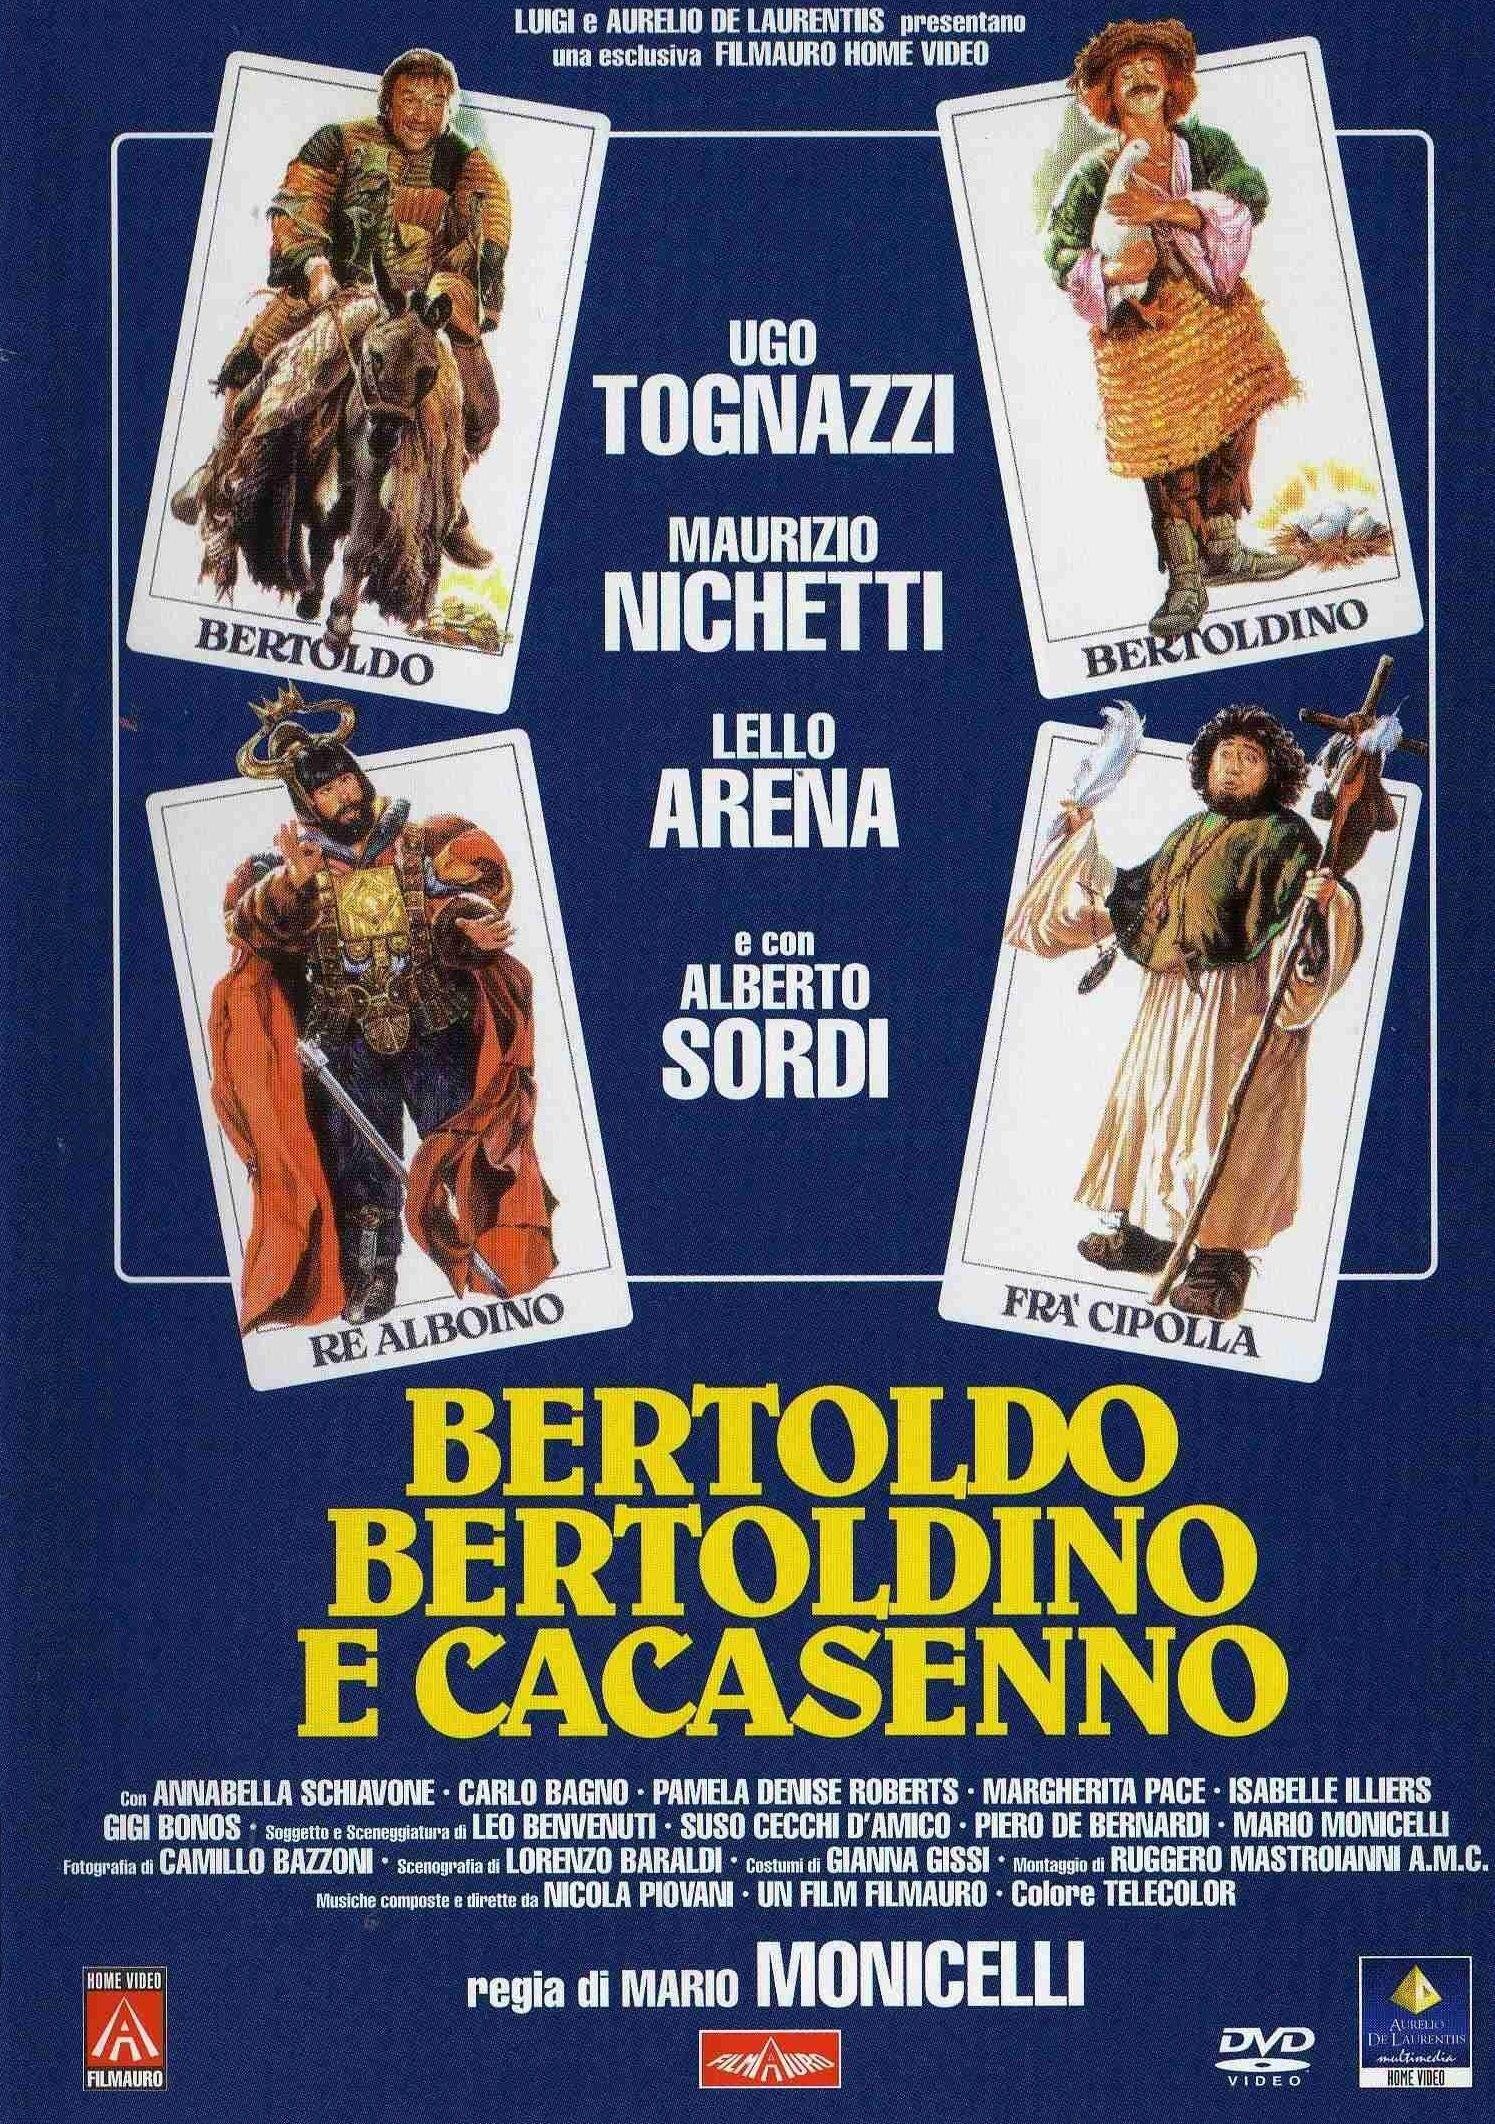 Bertoldo Bertoldino E Cacasenno Locandine Di Film Film Poster Con Illustrazioni